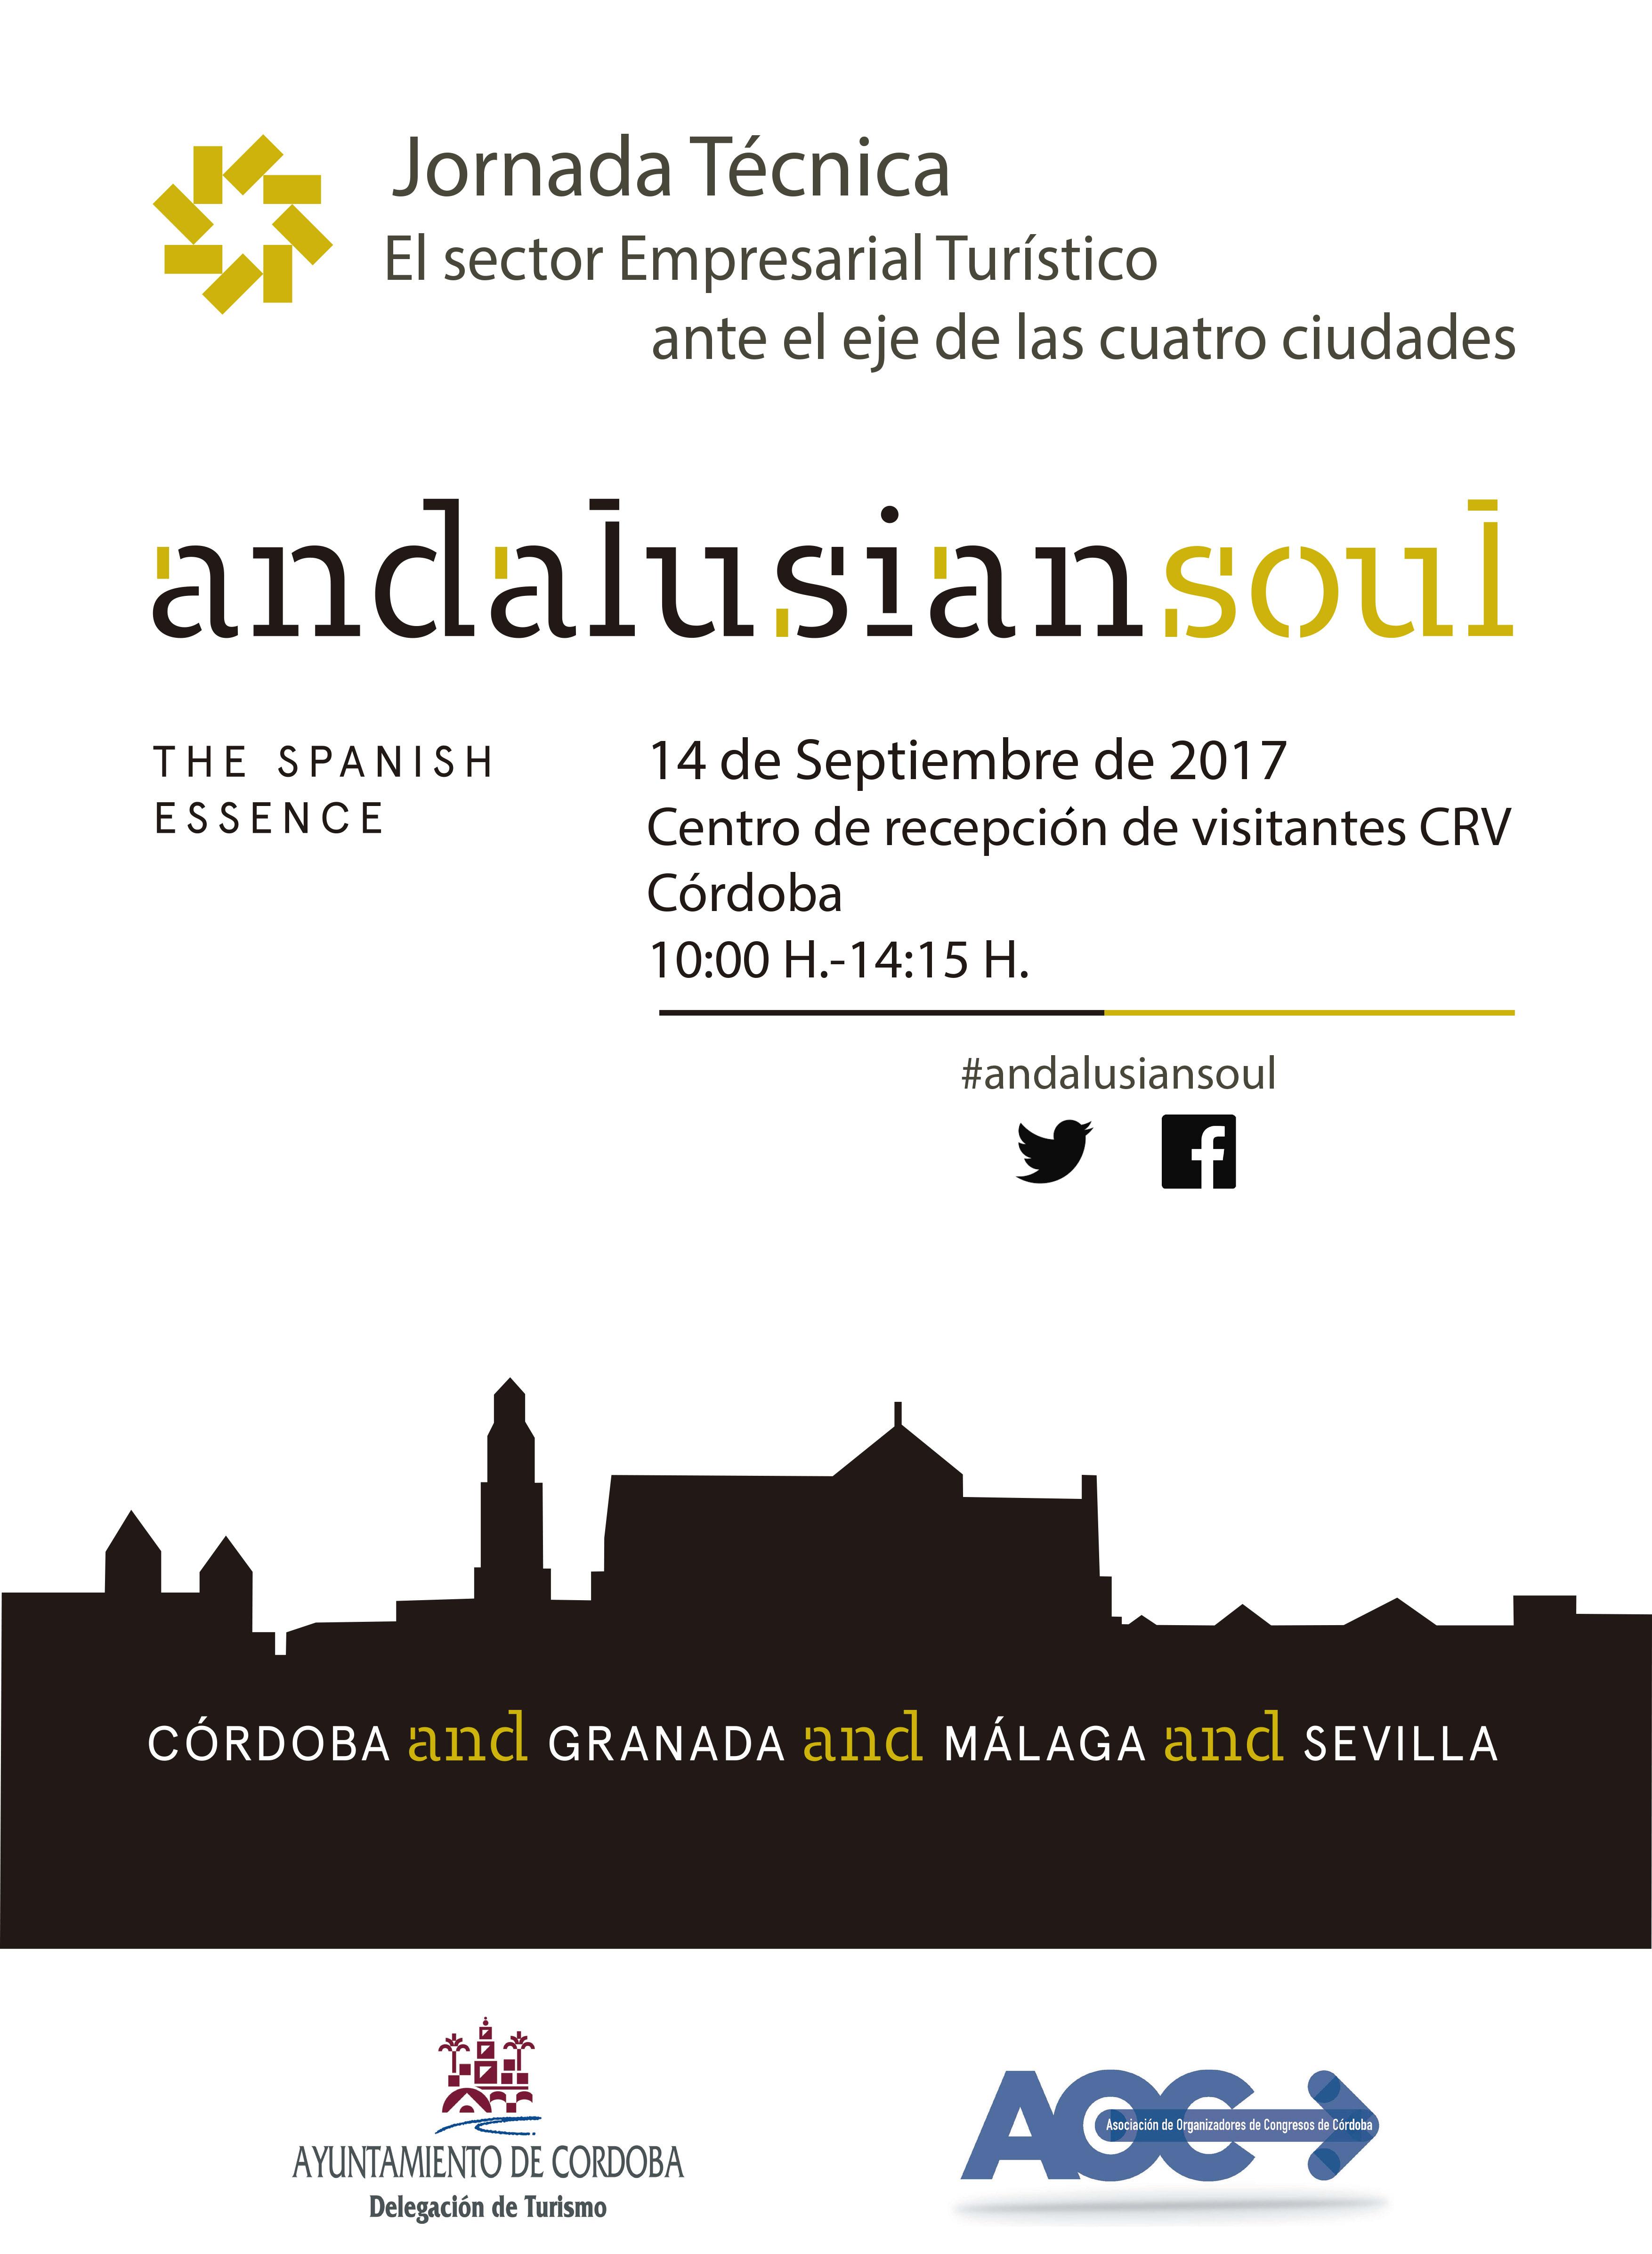 Andalusiansoul